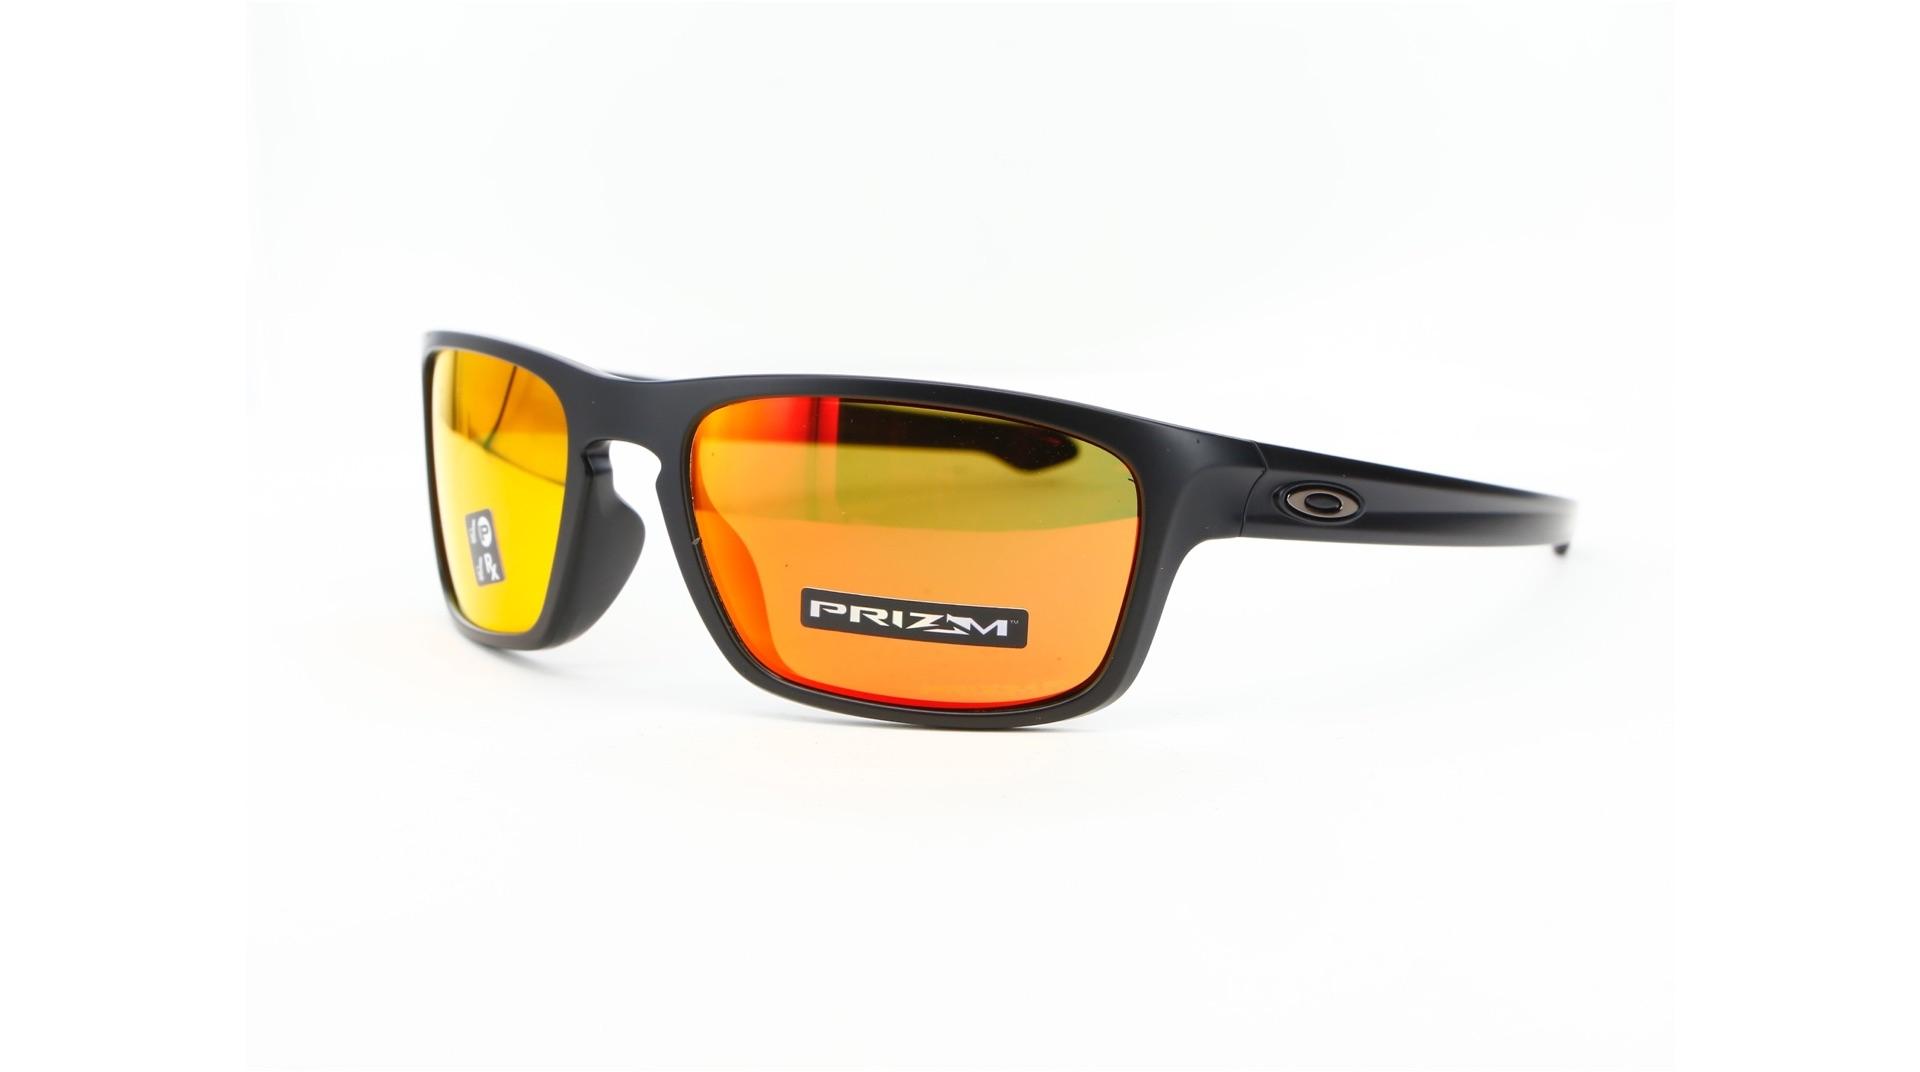 Oakley - ref: 81132